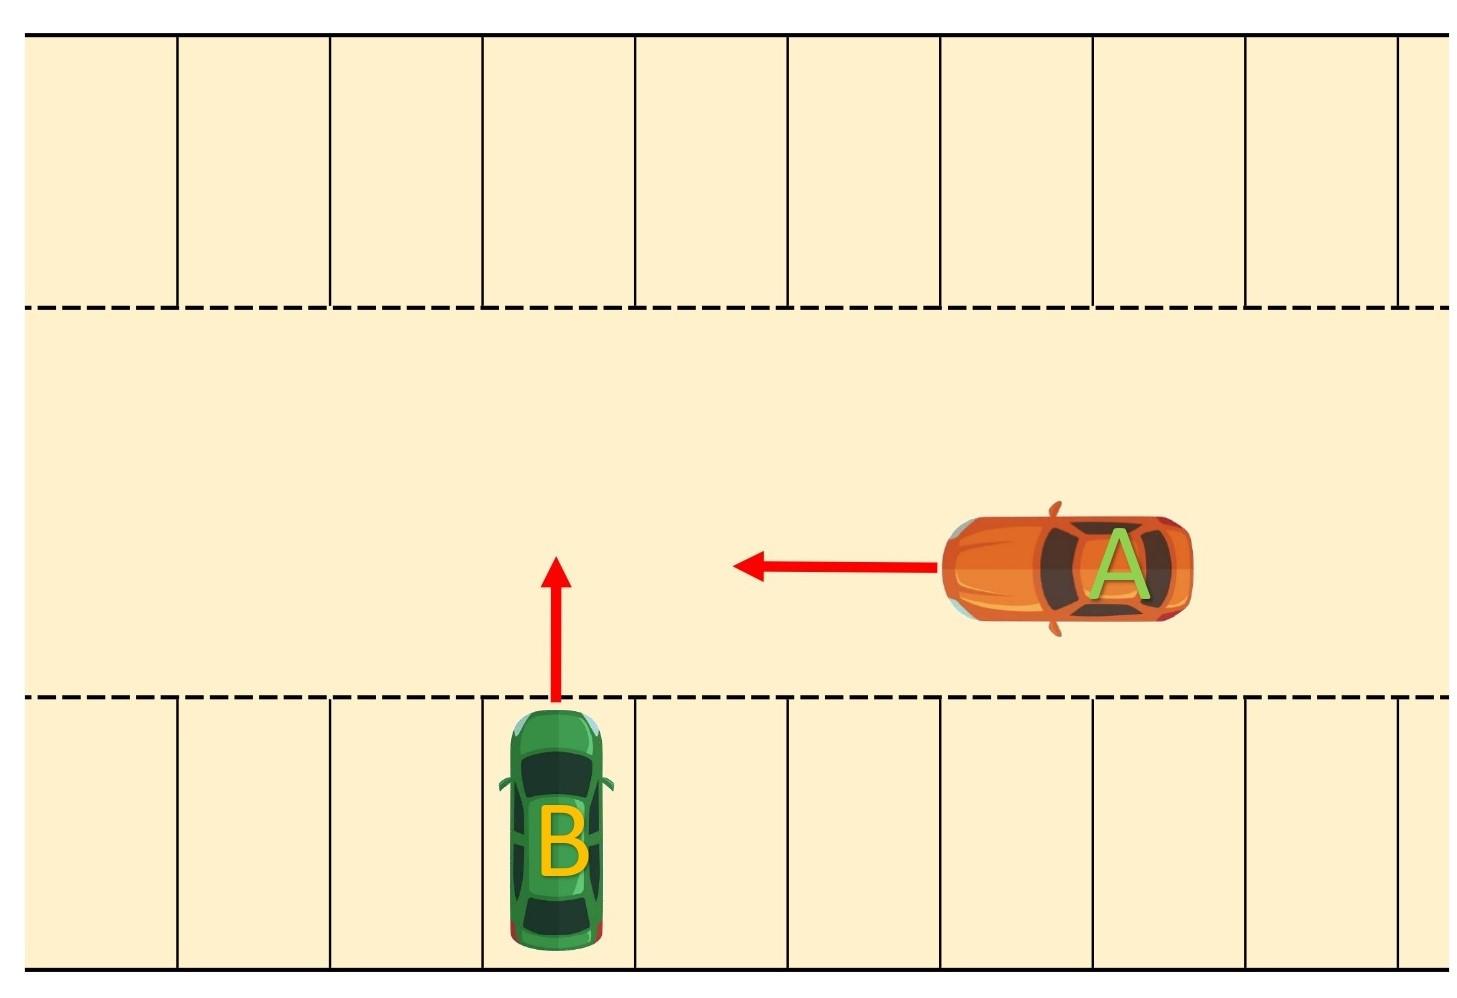 【図】車同士/駐車場内/通路を進行する車と駐車区画から通路に進入する車